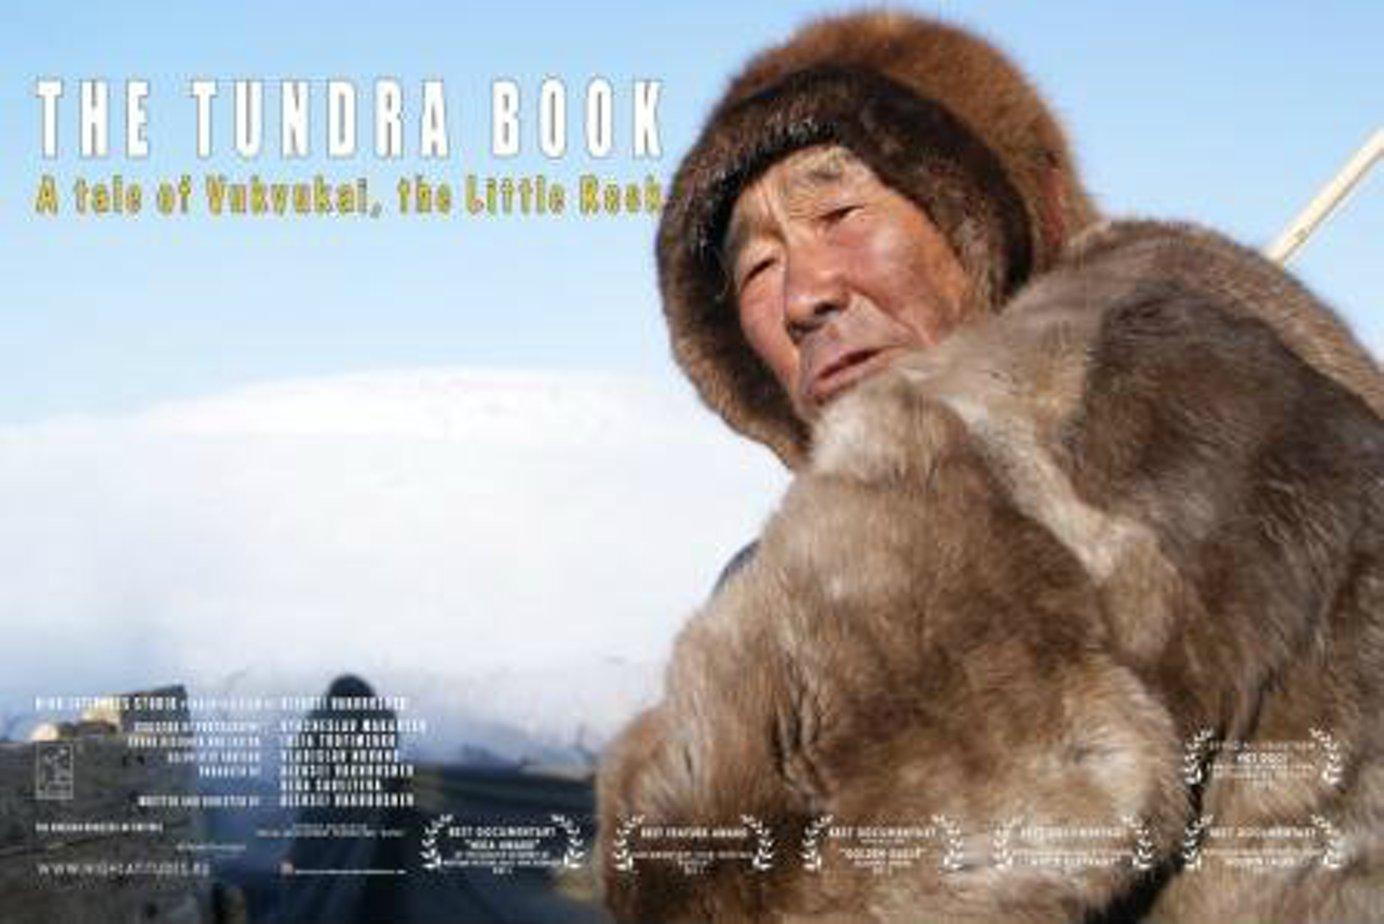 Книга тундры Повесть о Вуквукае  маленьком камне 2011